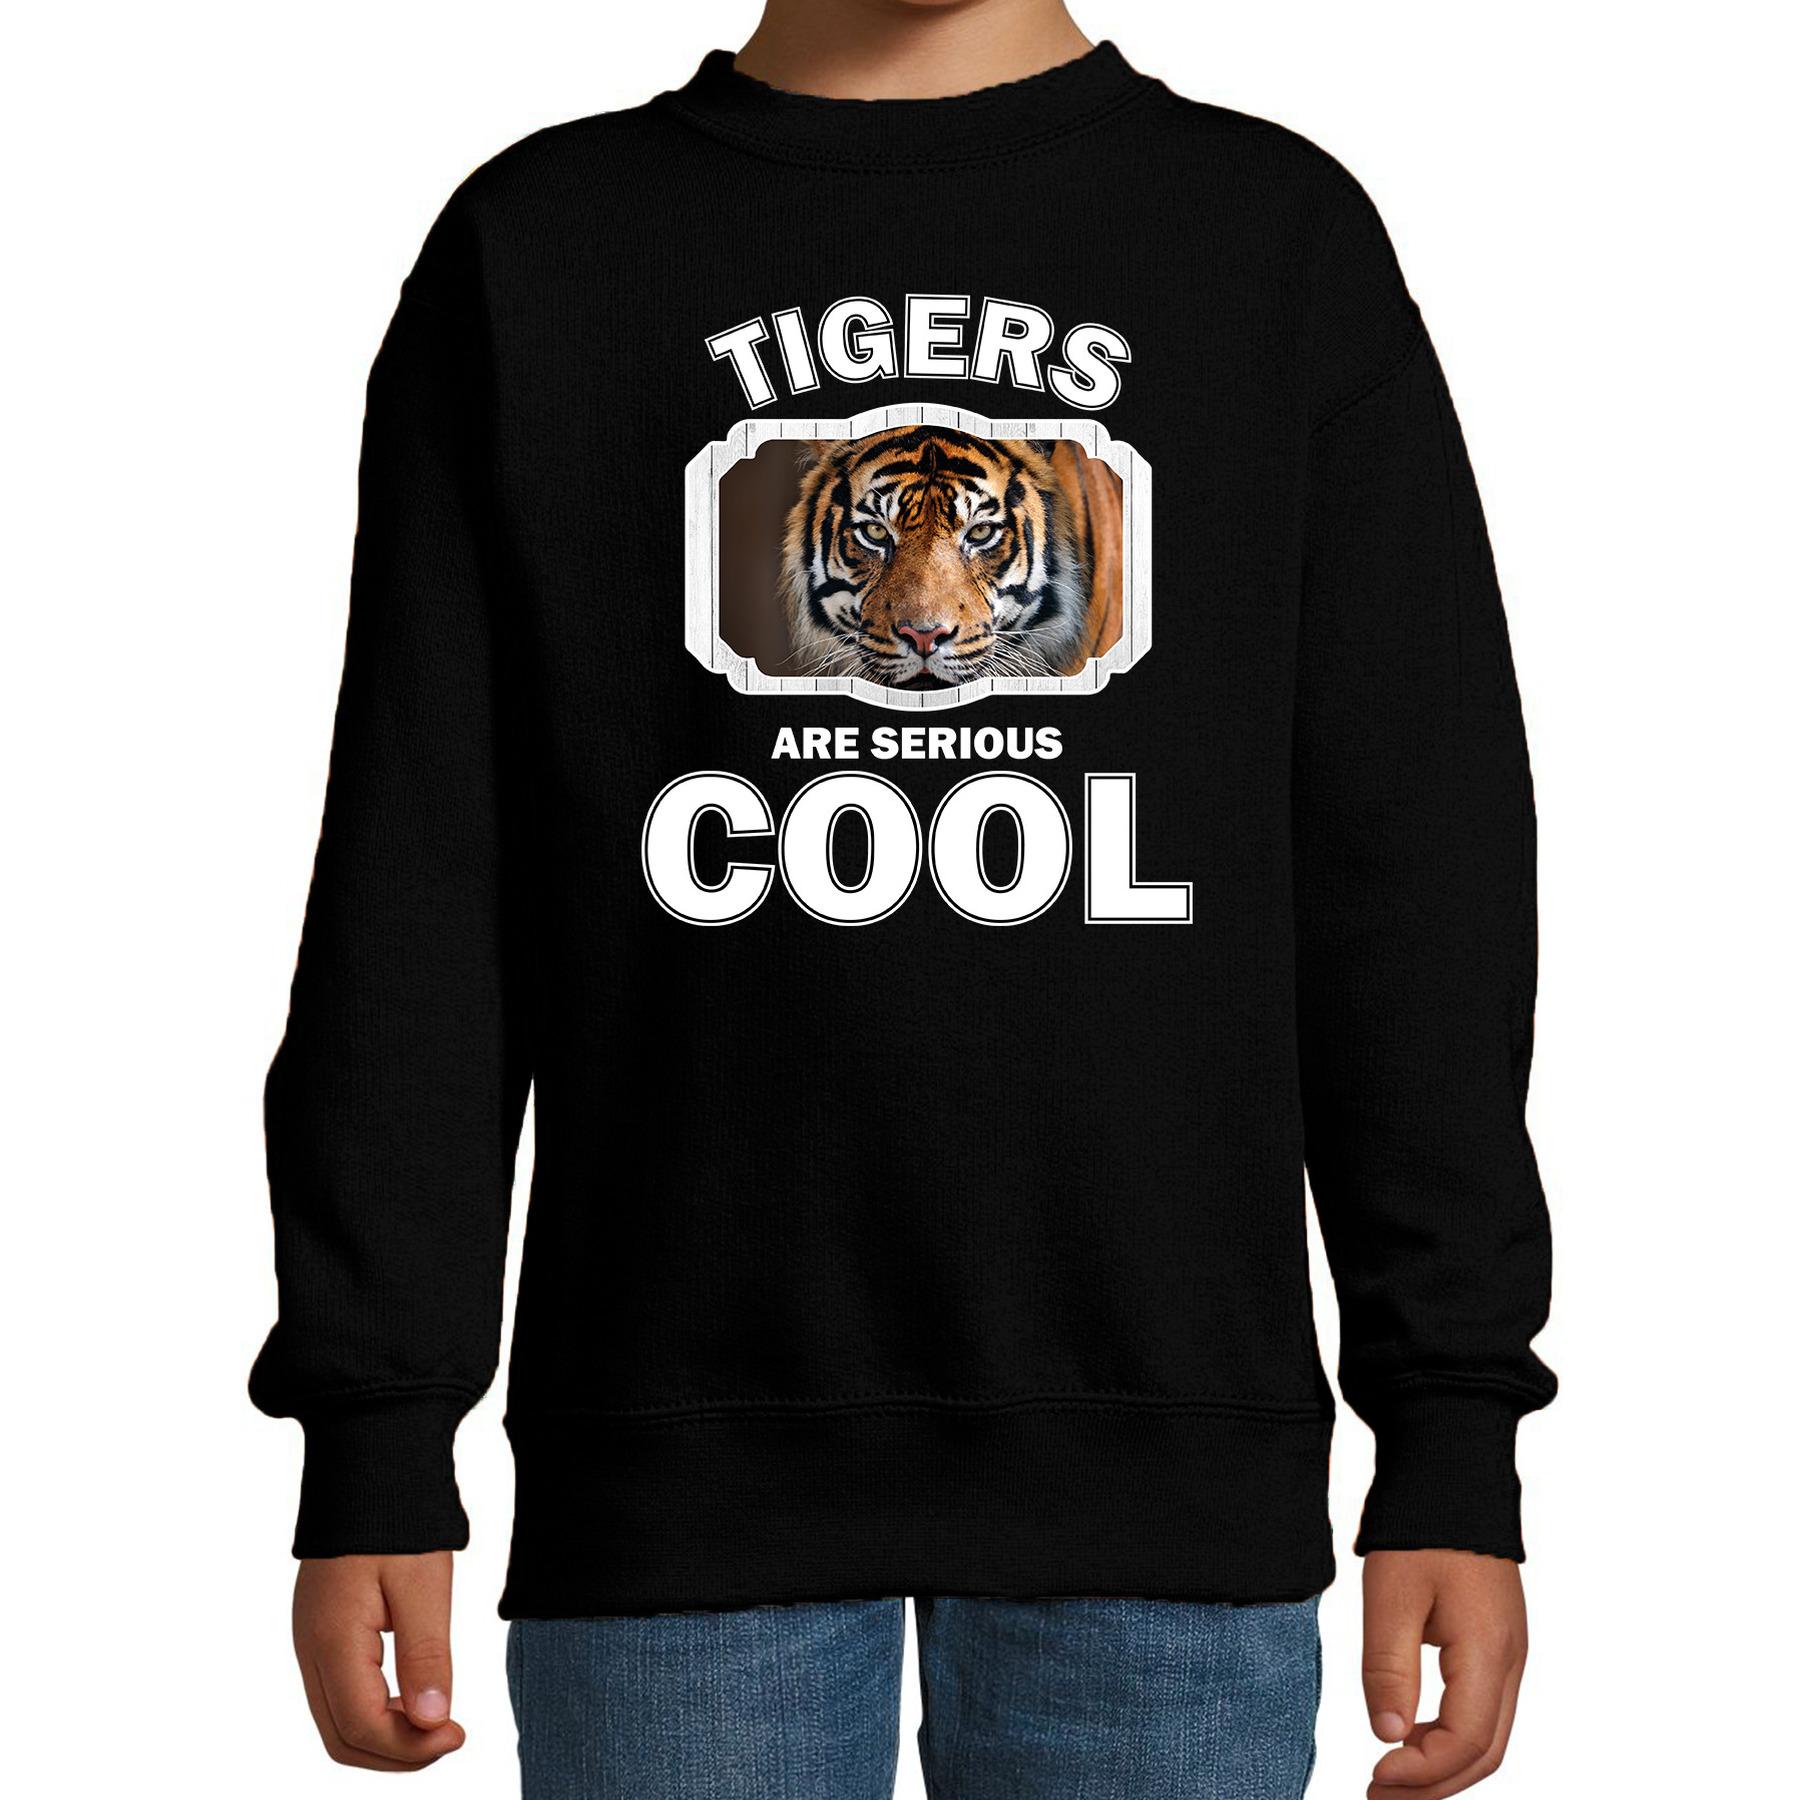 Sweater tigers are serious cool zwart kinderen - tijgers/ tijger trui